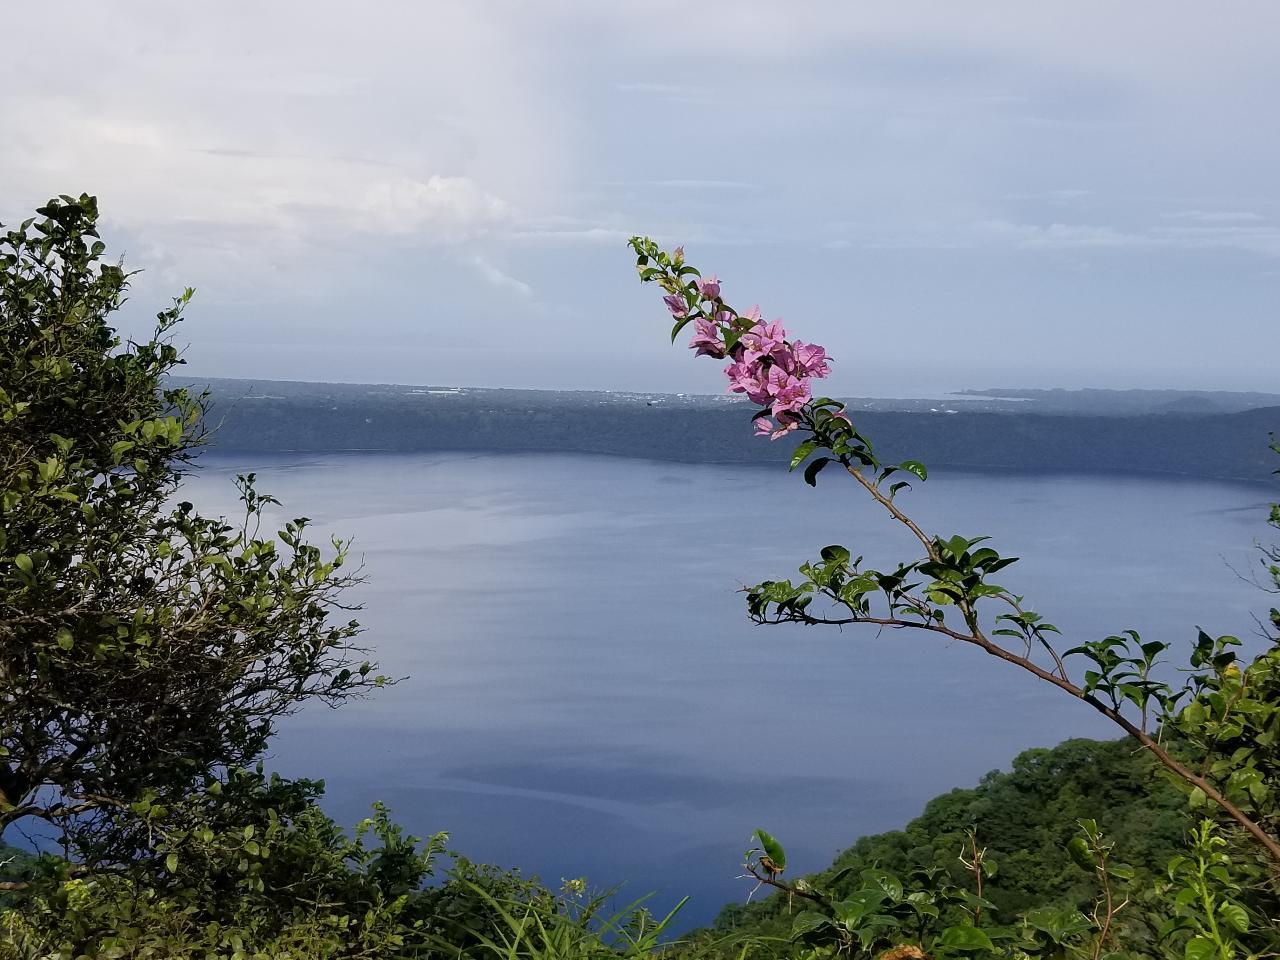 Laguna de Apoyo Day Trip